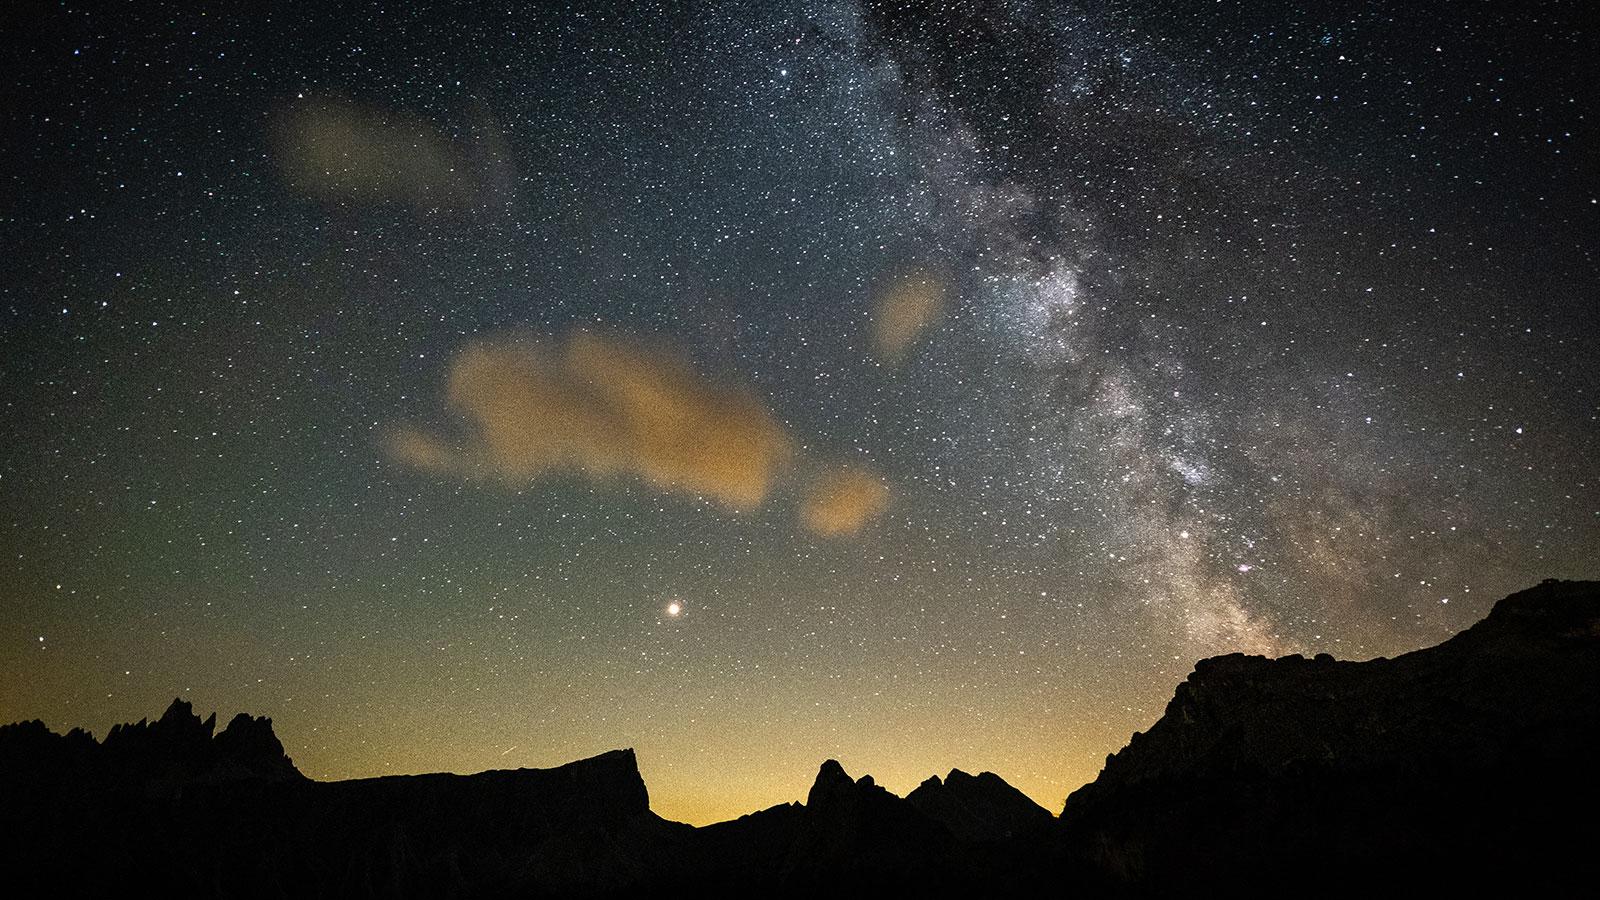 Milchstraße. Sternennacht in den Dolomiten | Pauli Trenkwalder, Berge & Psychologie